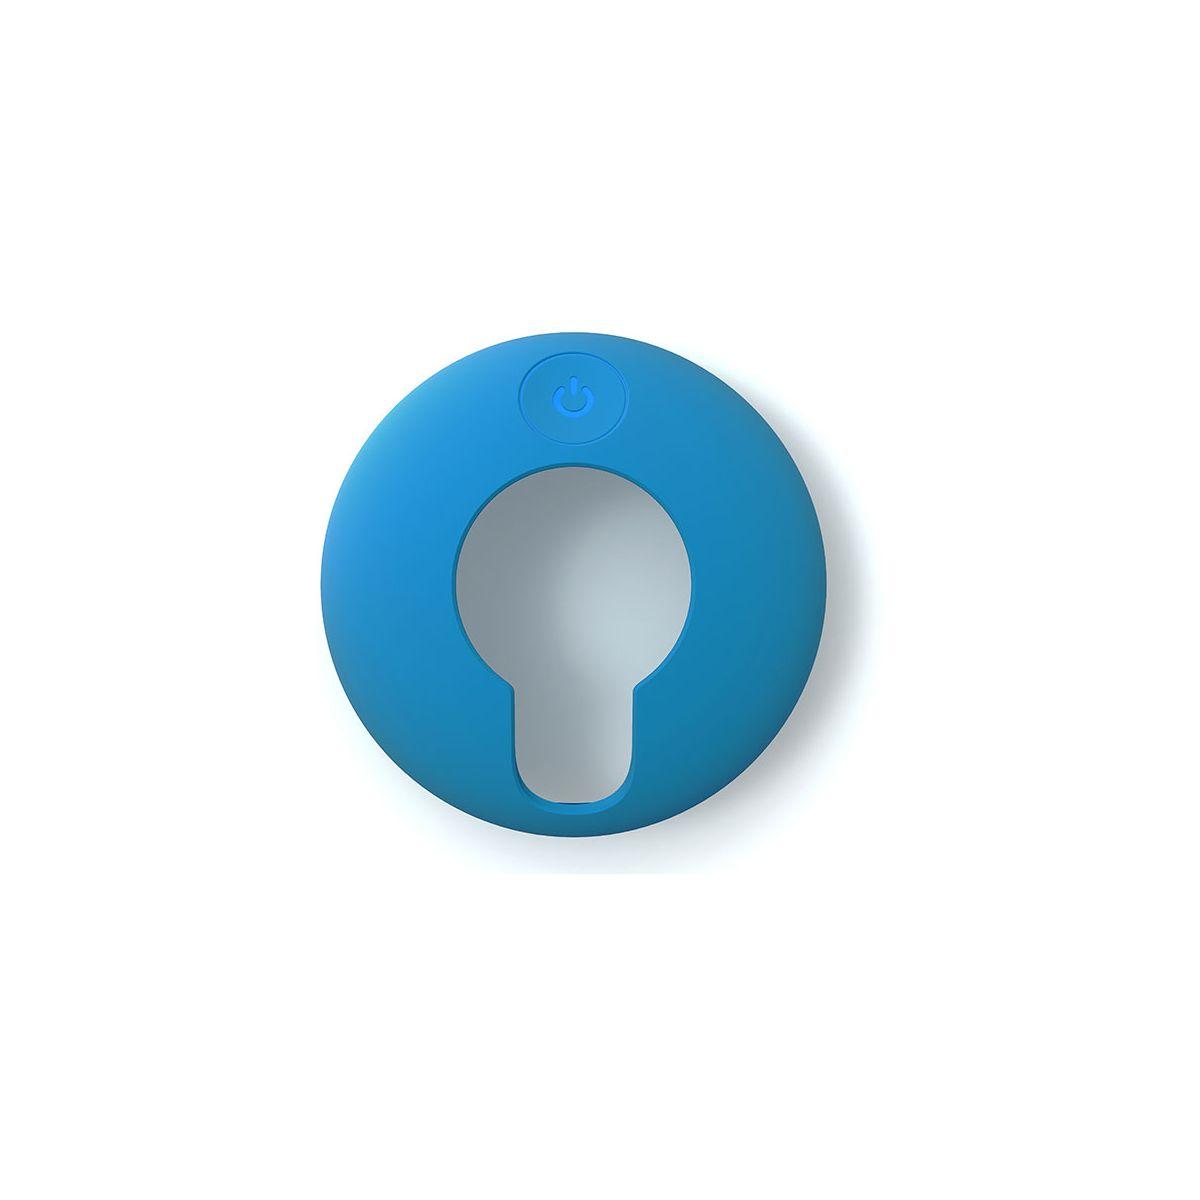 Coque TOMTOM Coque protection silicone Bleue ciel VIO